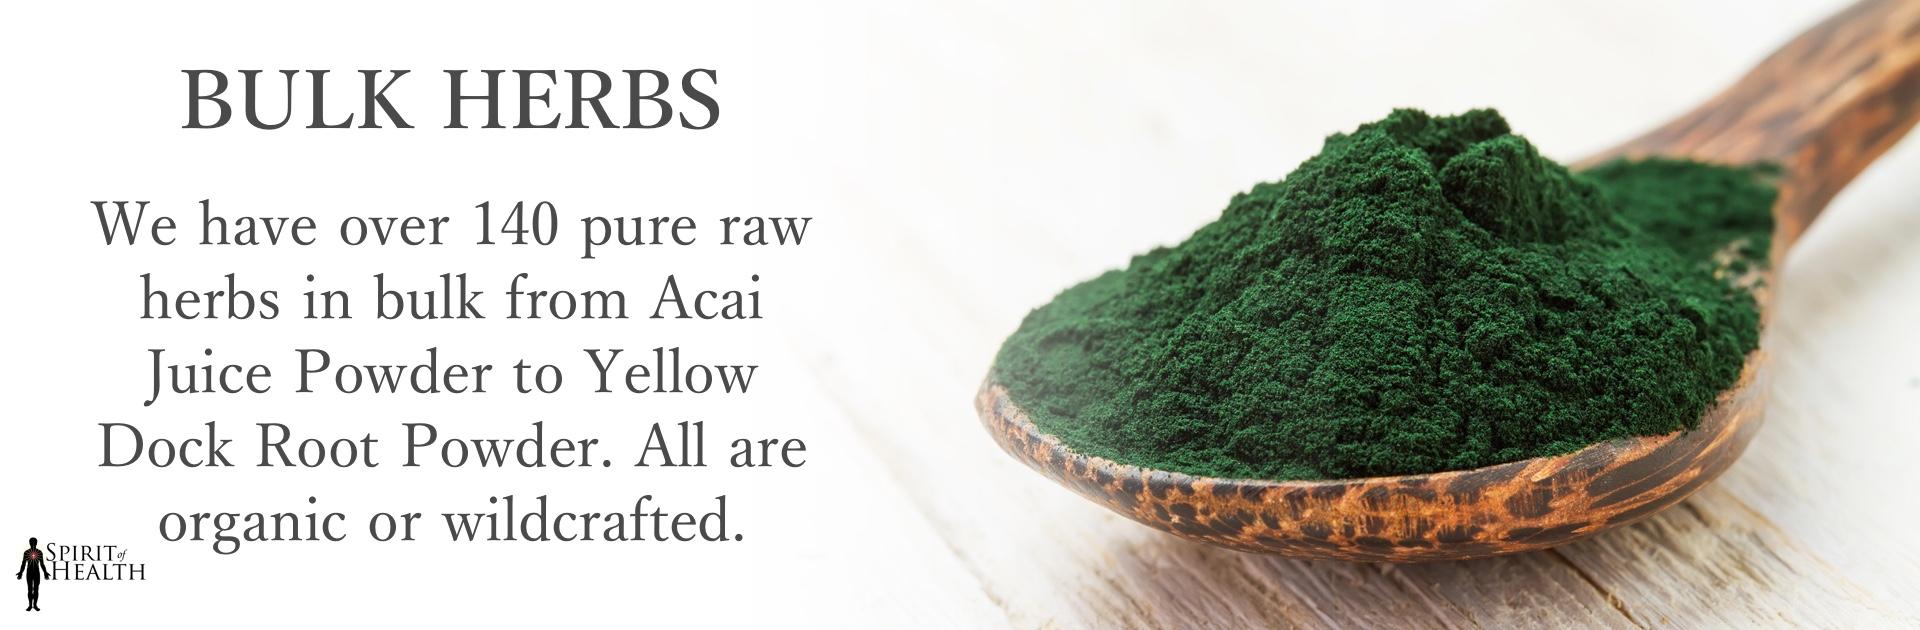 bulk-herbs-.jpg